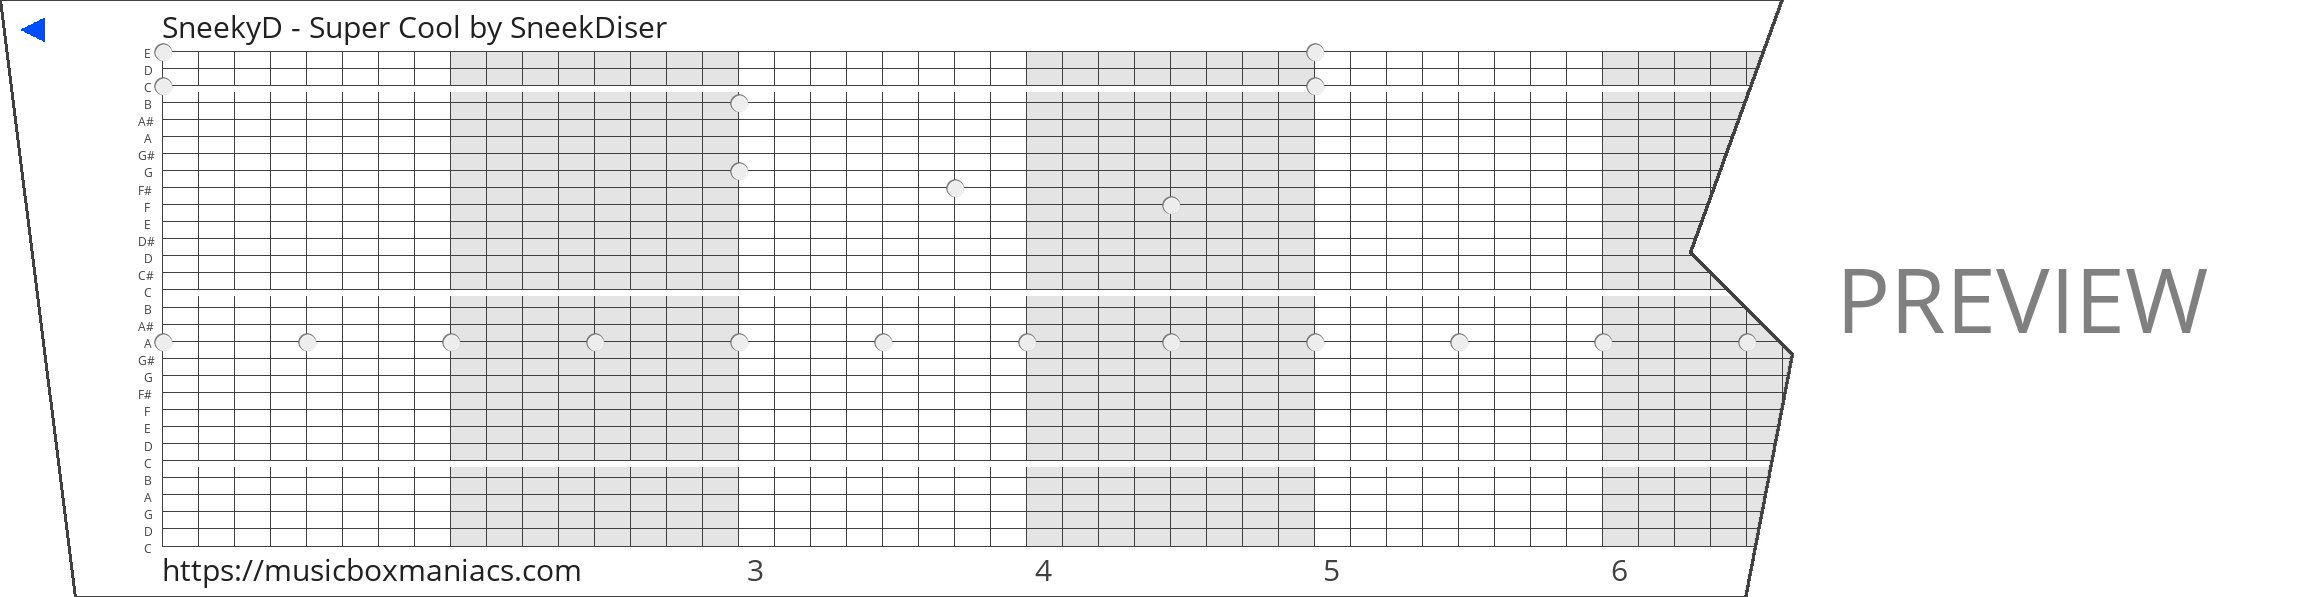 SneekyD - Super Cool 30 note music box paper strip